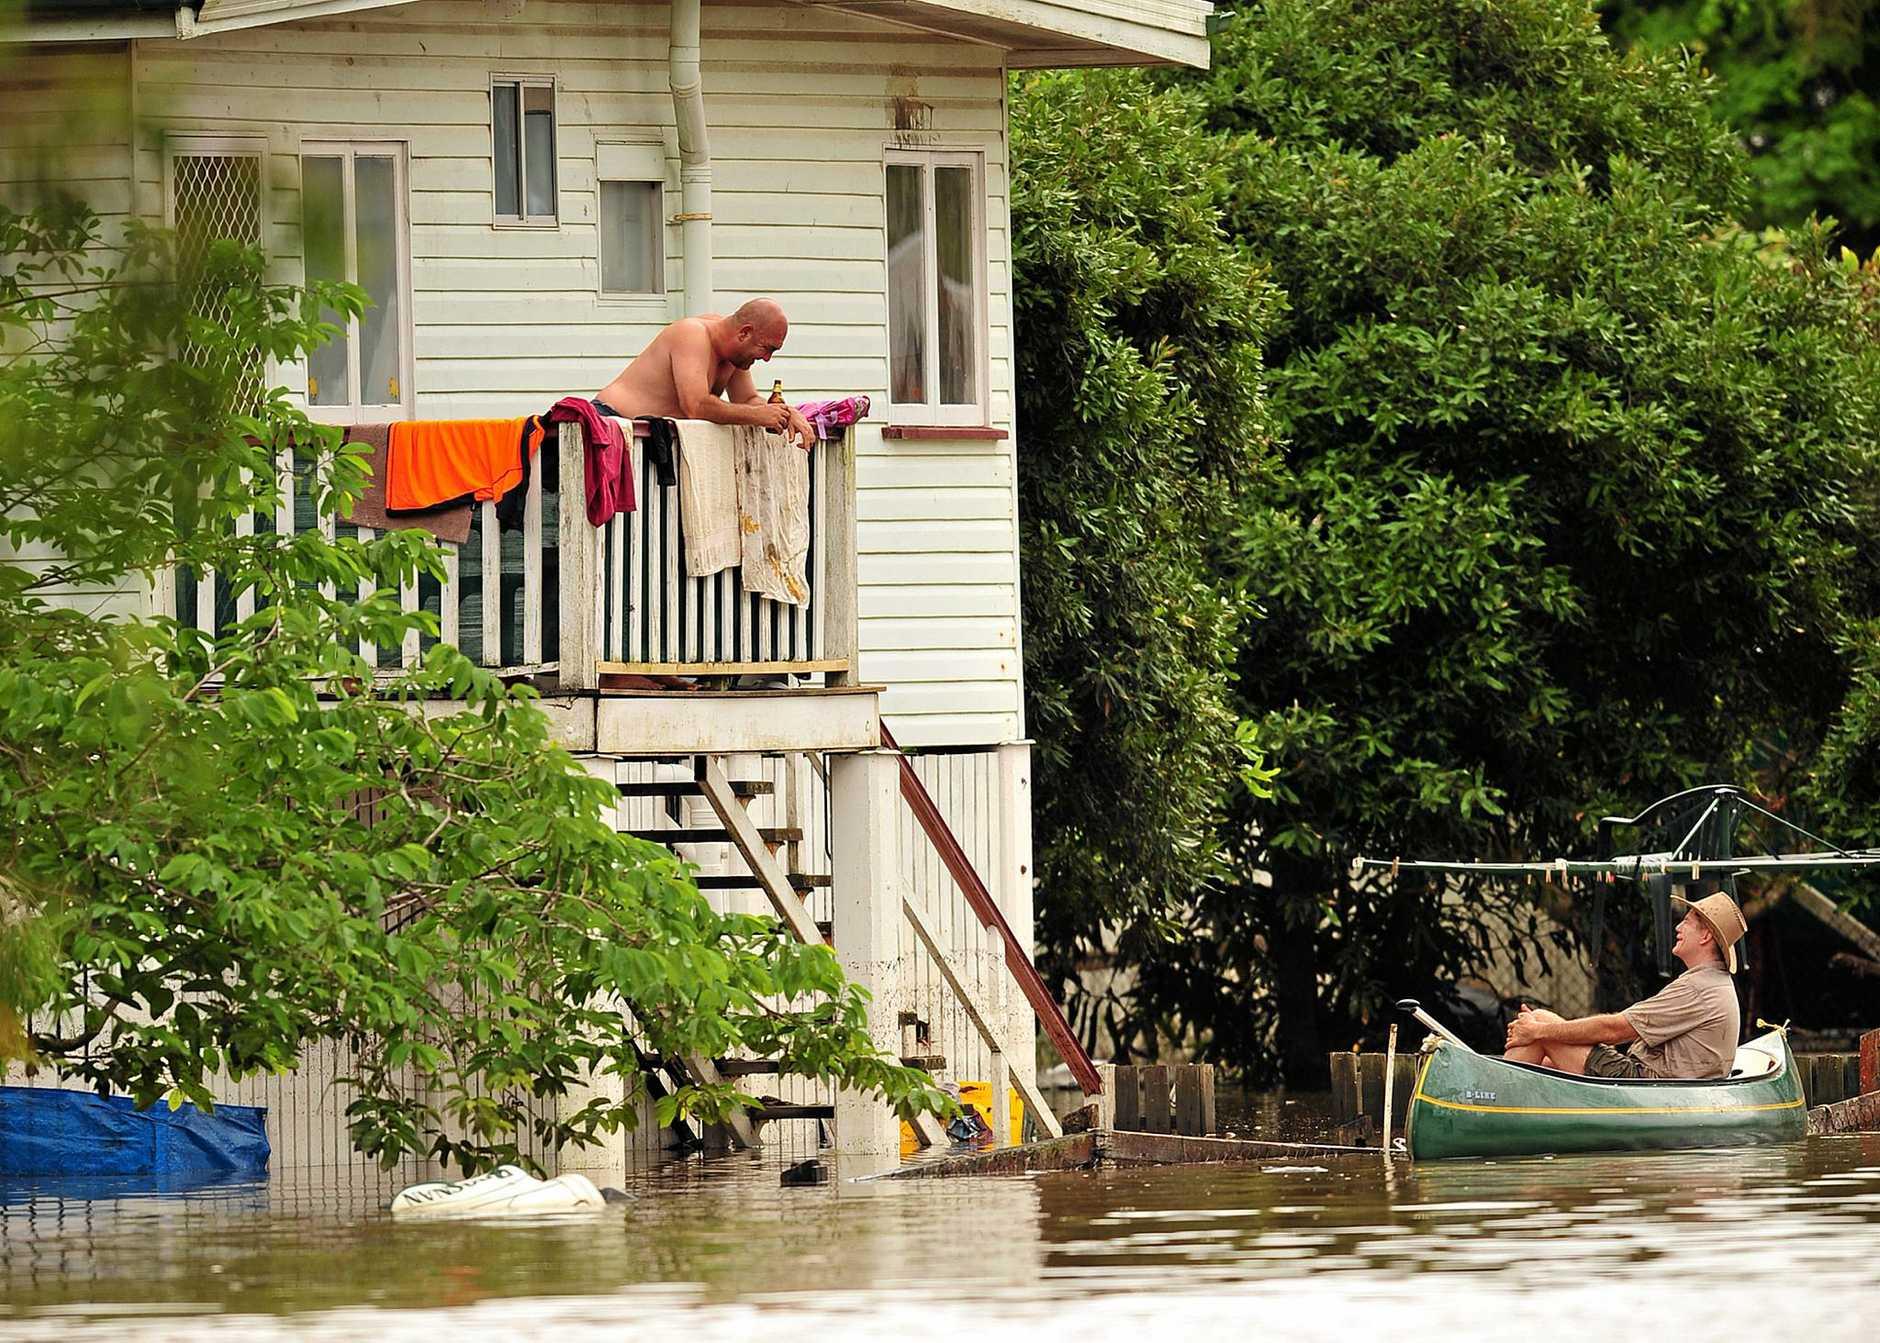 Songwriter honours flood volunteers who helped their neighbours.